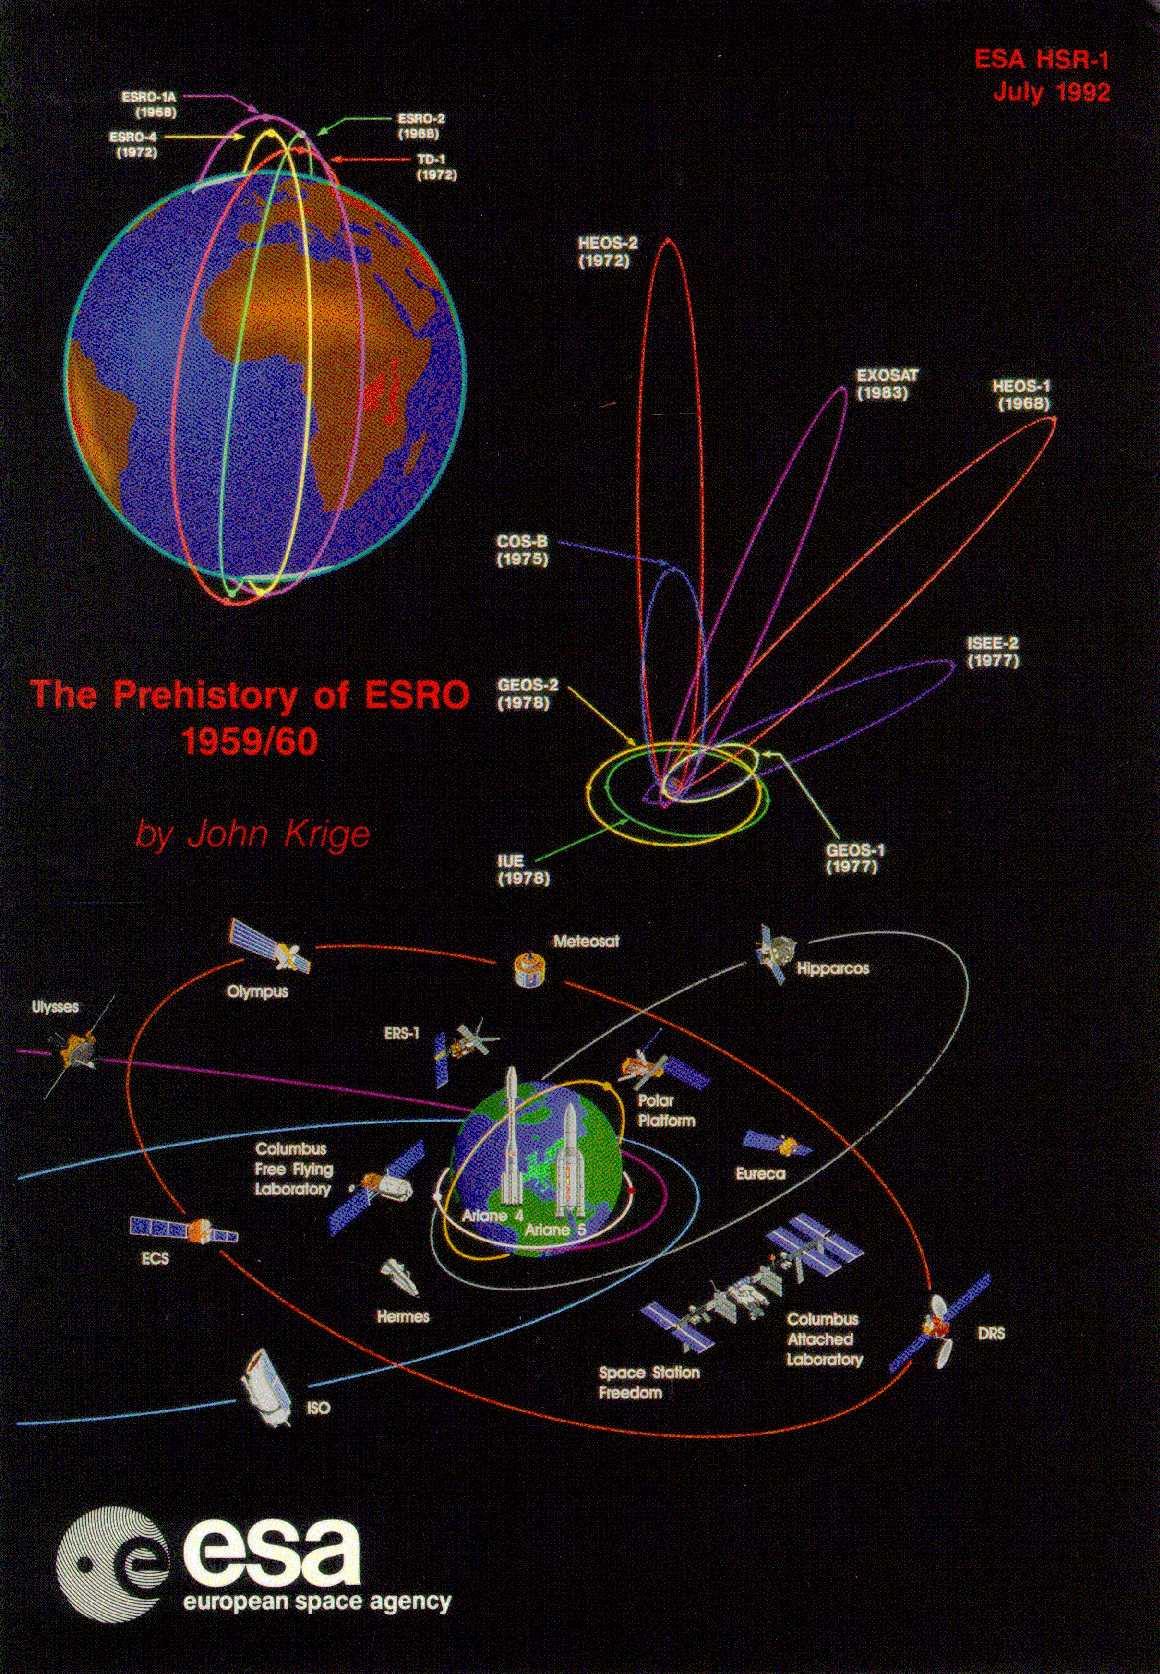 The Prehistory of ESRO 1959-1960 (HSR-001)